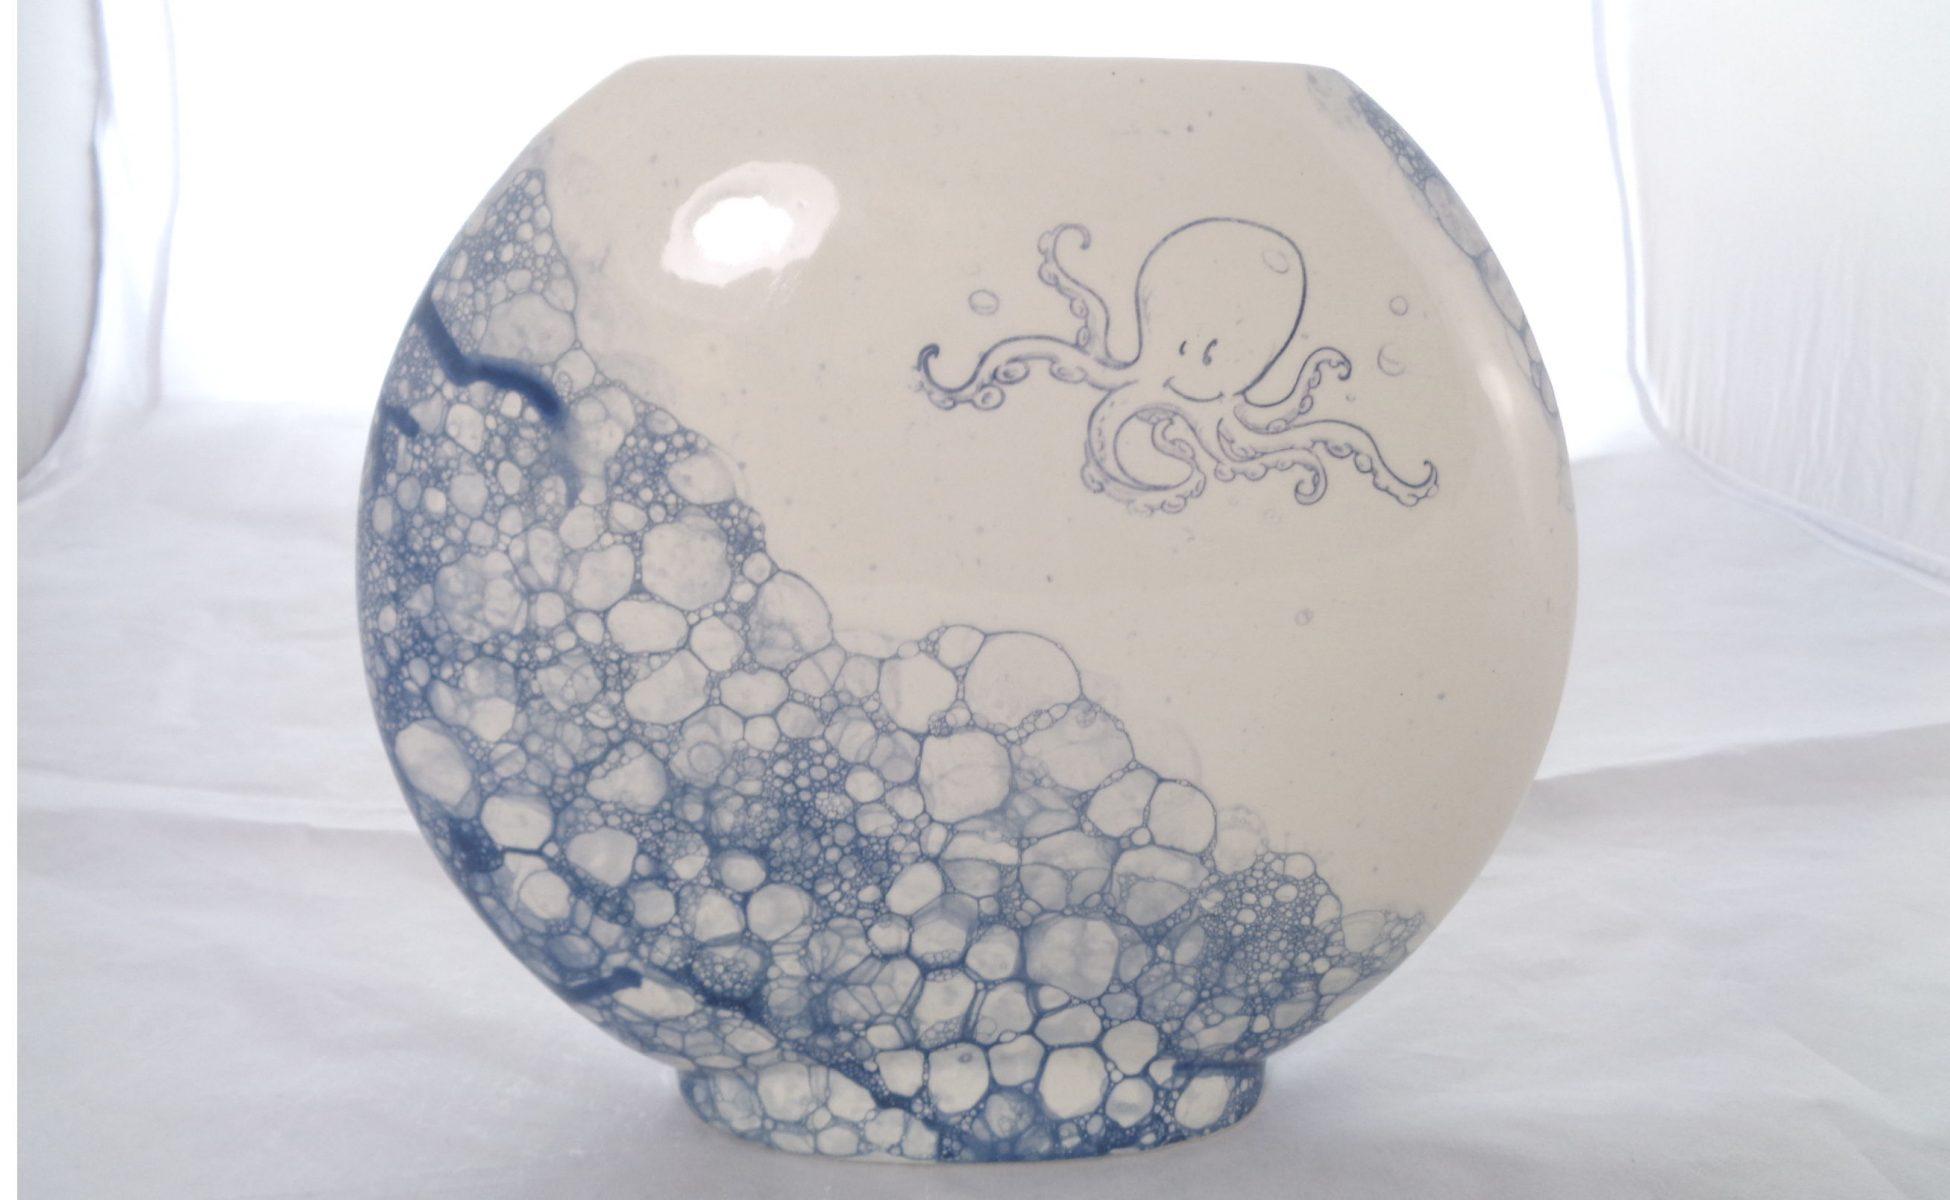 Bemalte Keramik Vase Discuss Blubber Octupus